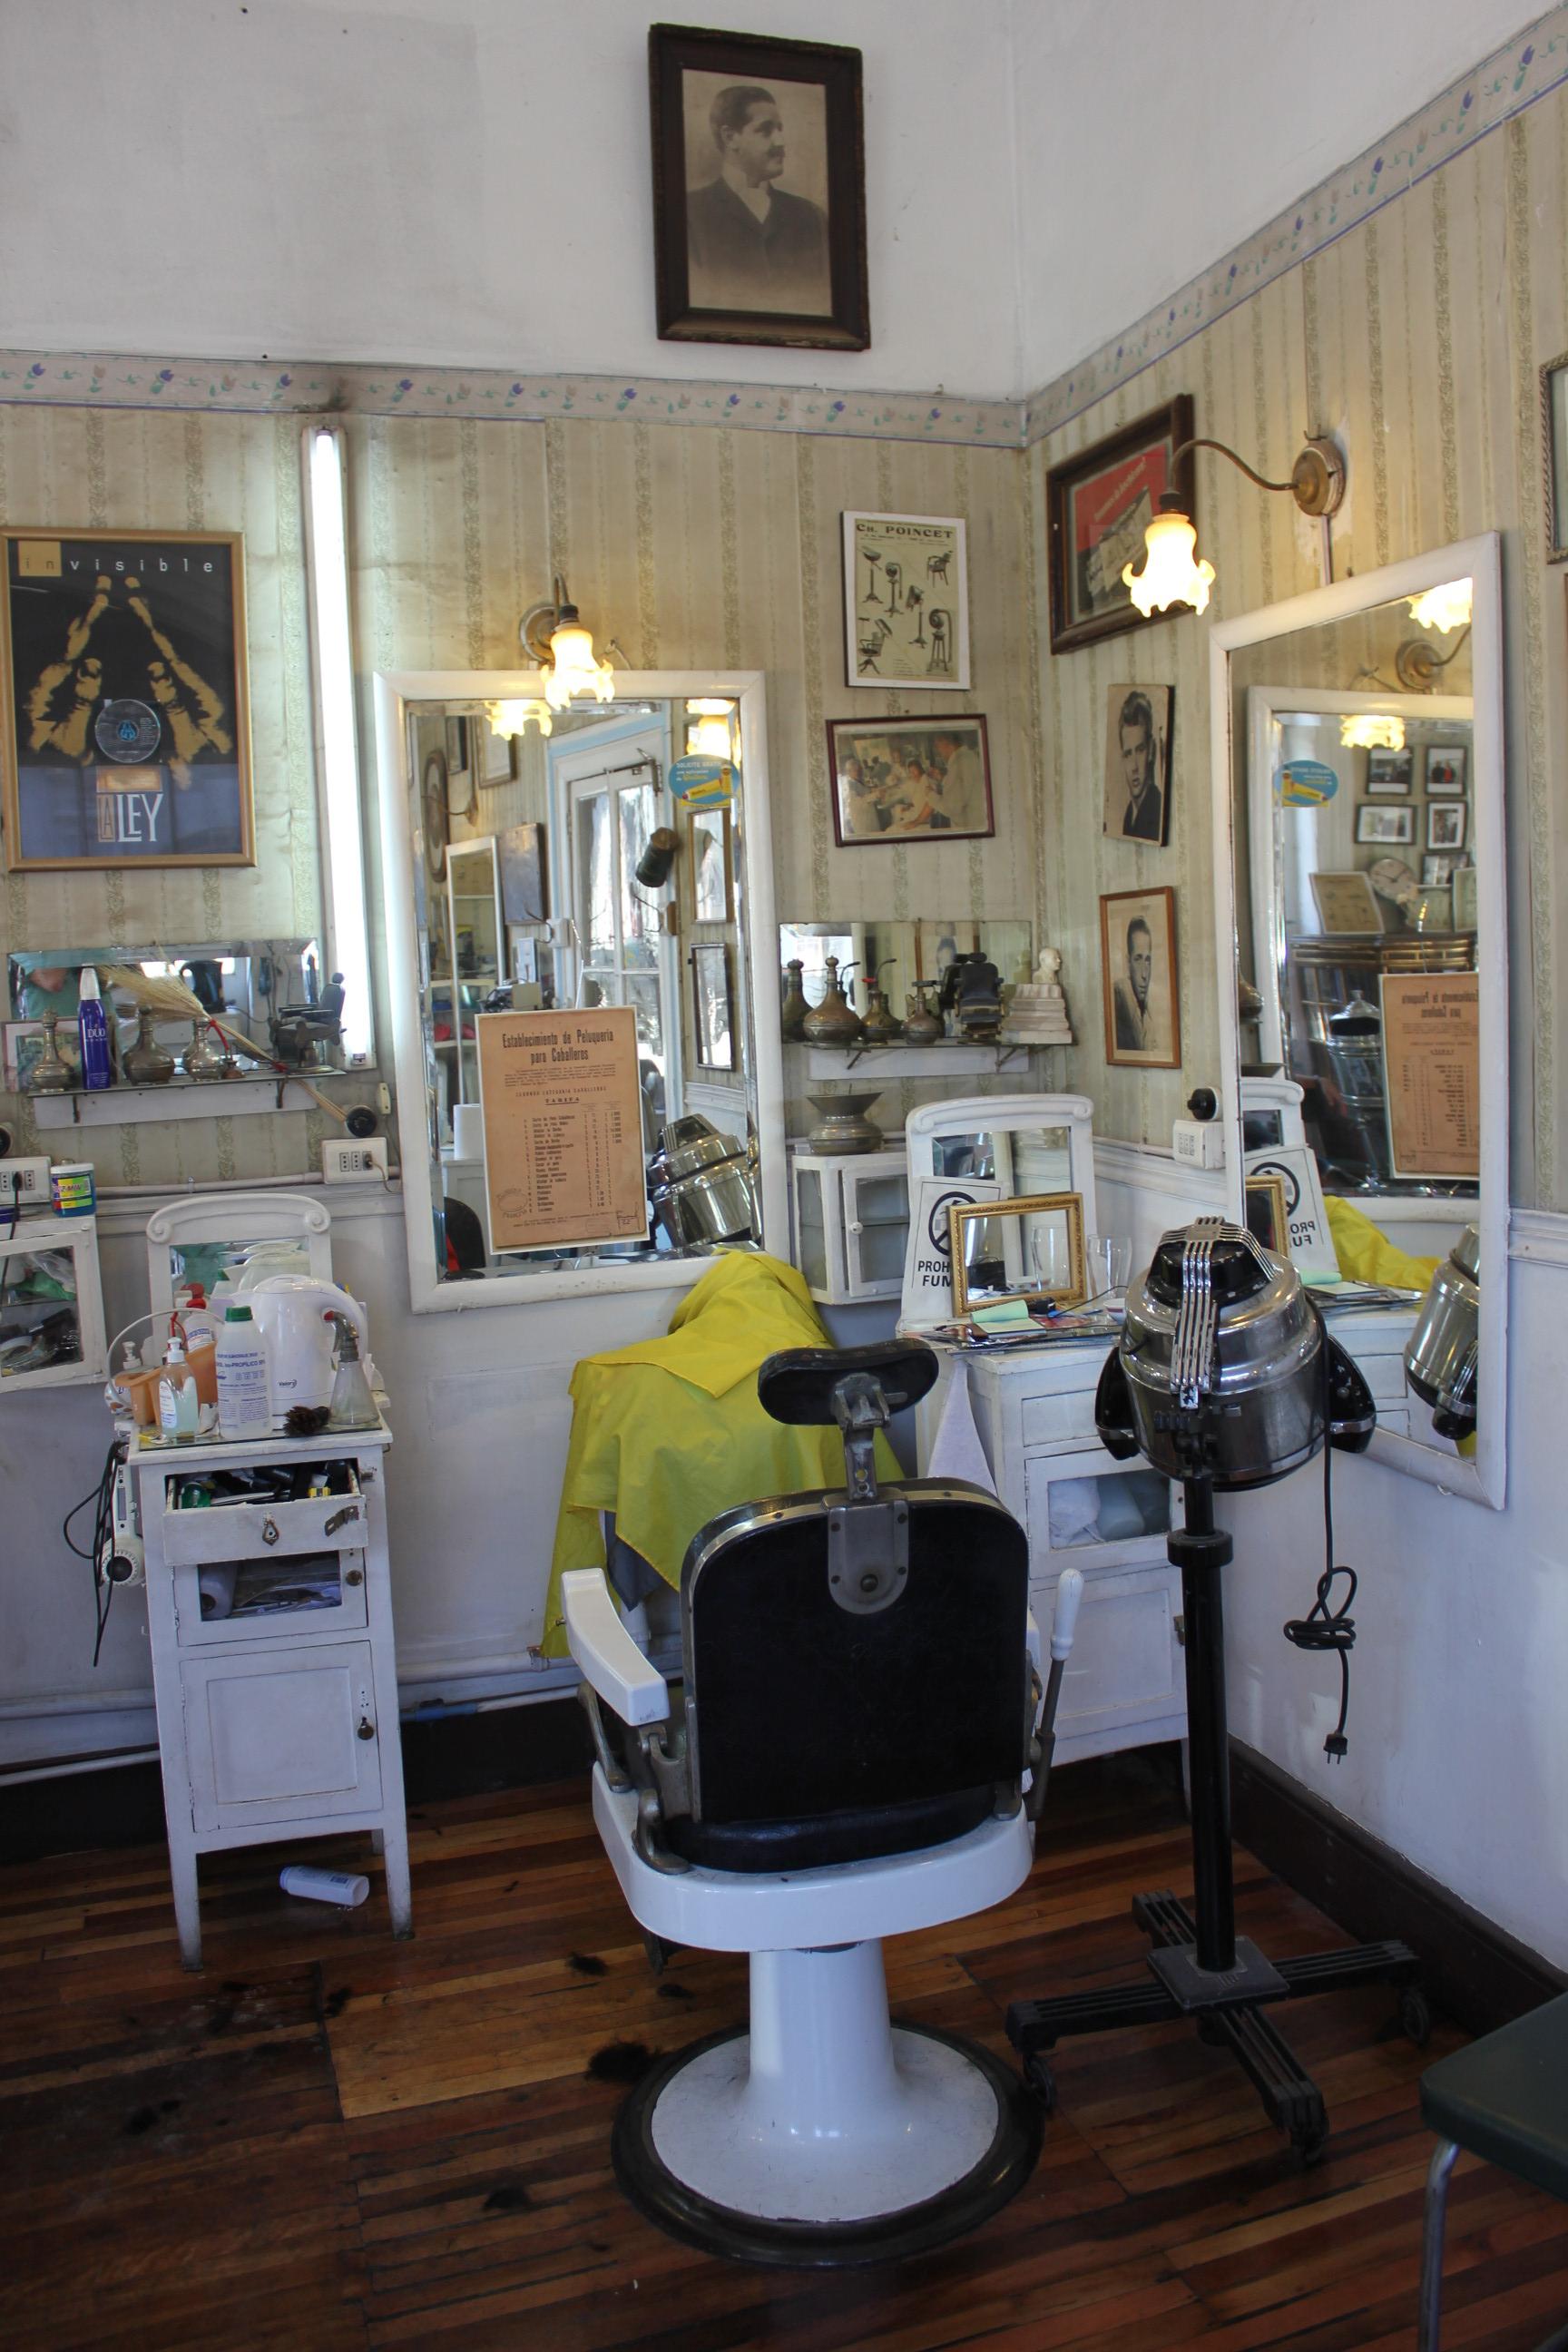 Uno de los lugares de la Peluquería Francesa donde se practican técnicas de barbería con paños calientes y navaja-Buenavida